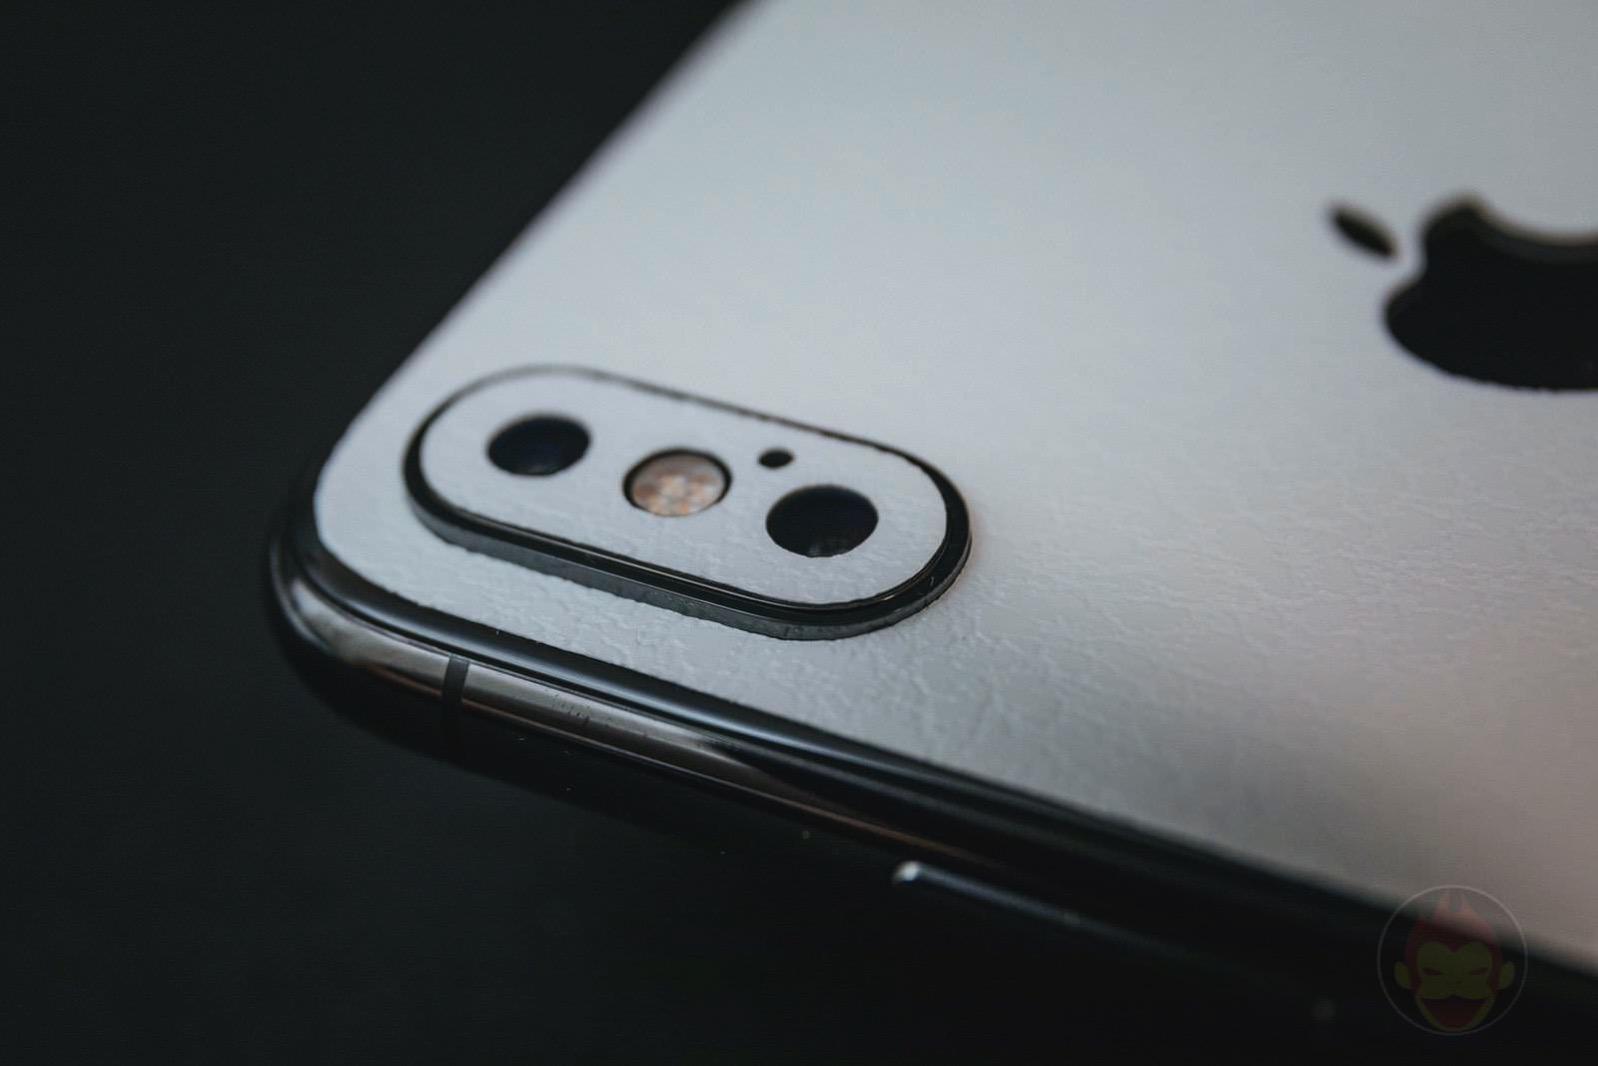 wraplus-white-leather-skin-for-iphonexsmax05.jpg